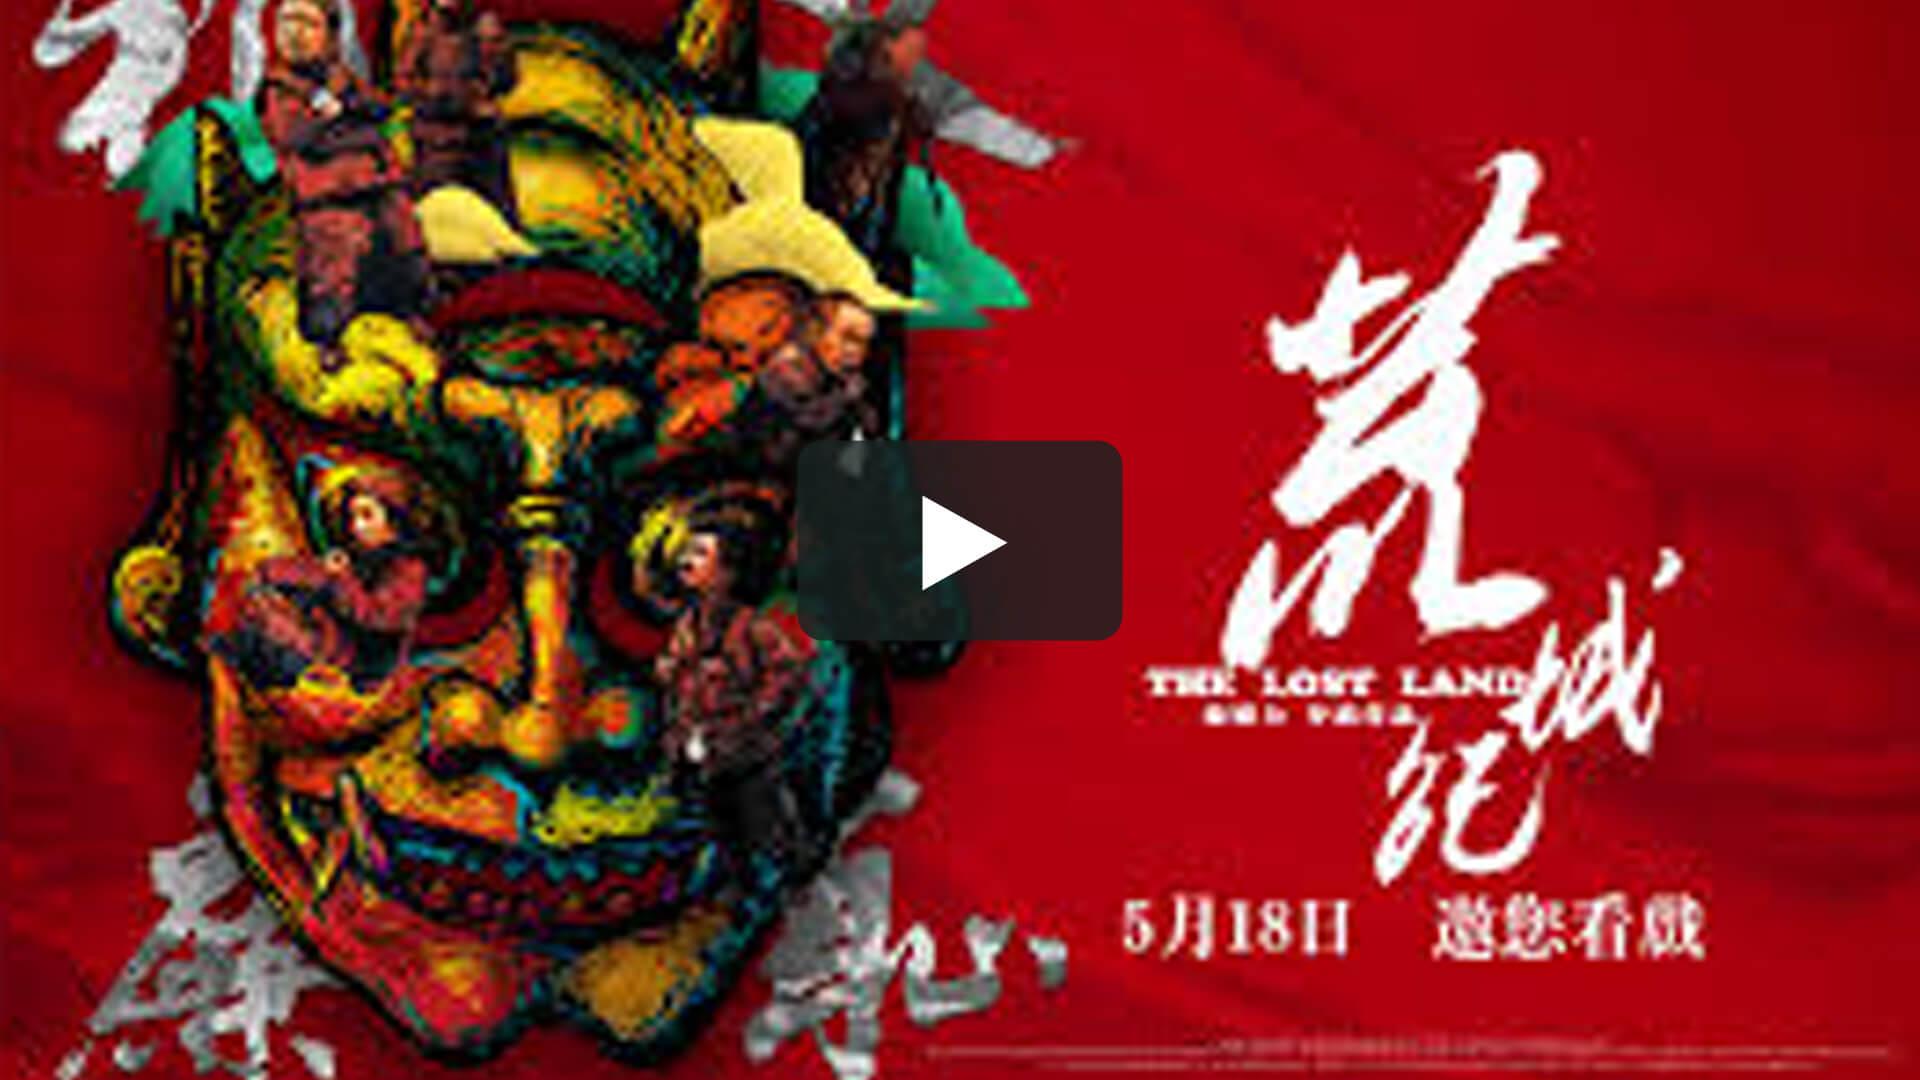 荒城紀 - The Lost Land